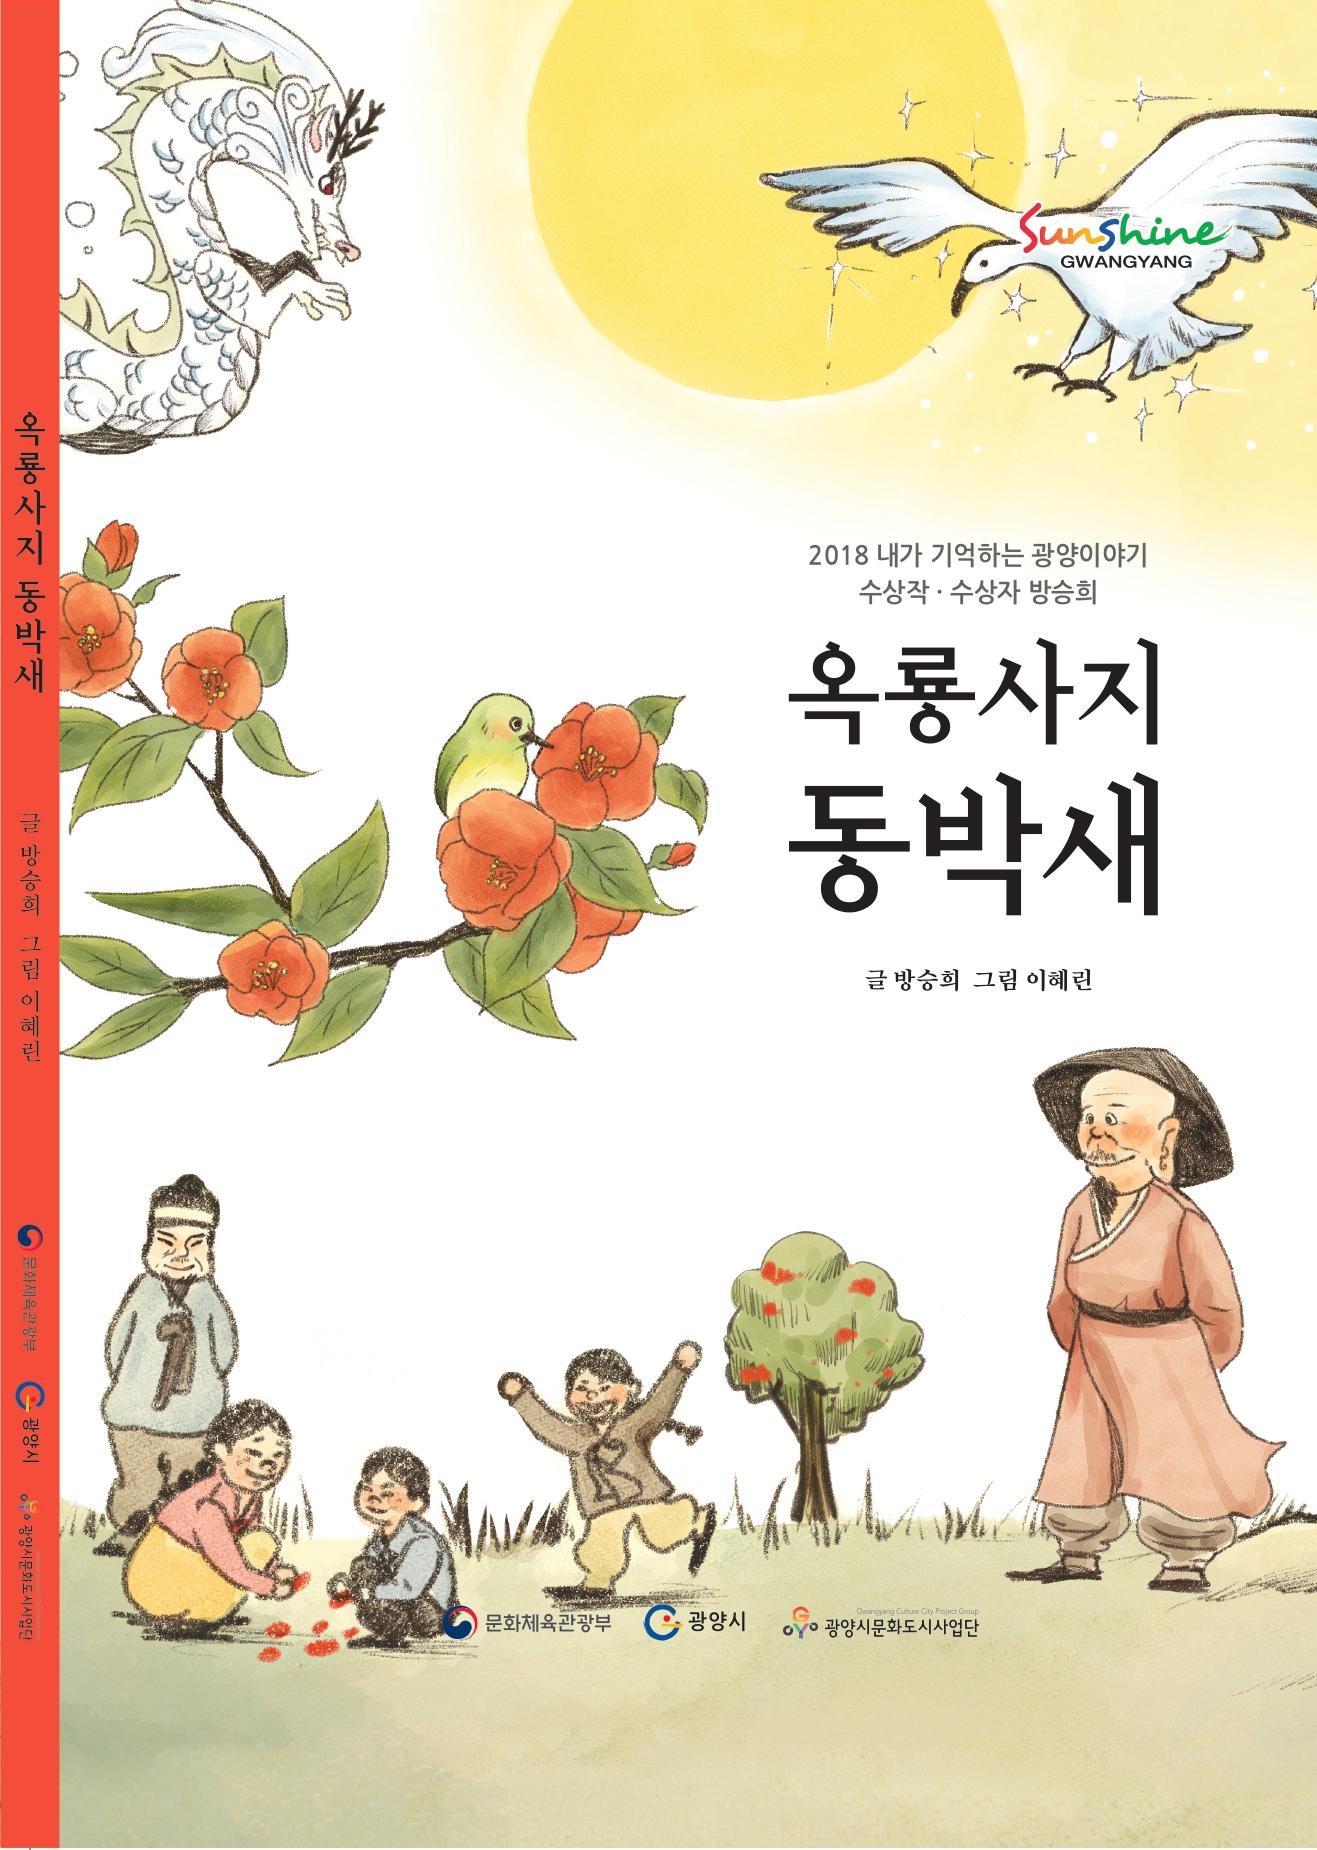 2018 내가 기억하는 광양이야기 - 옥룡사지 동박새